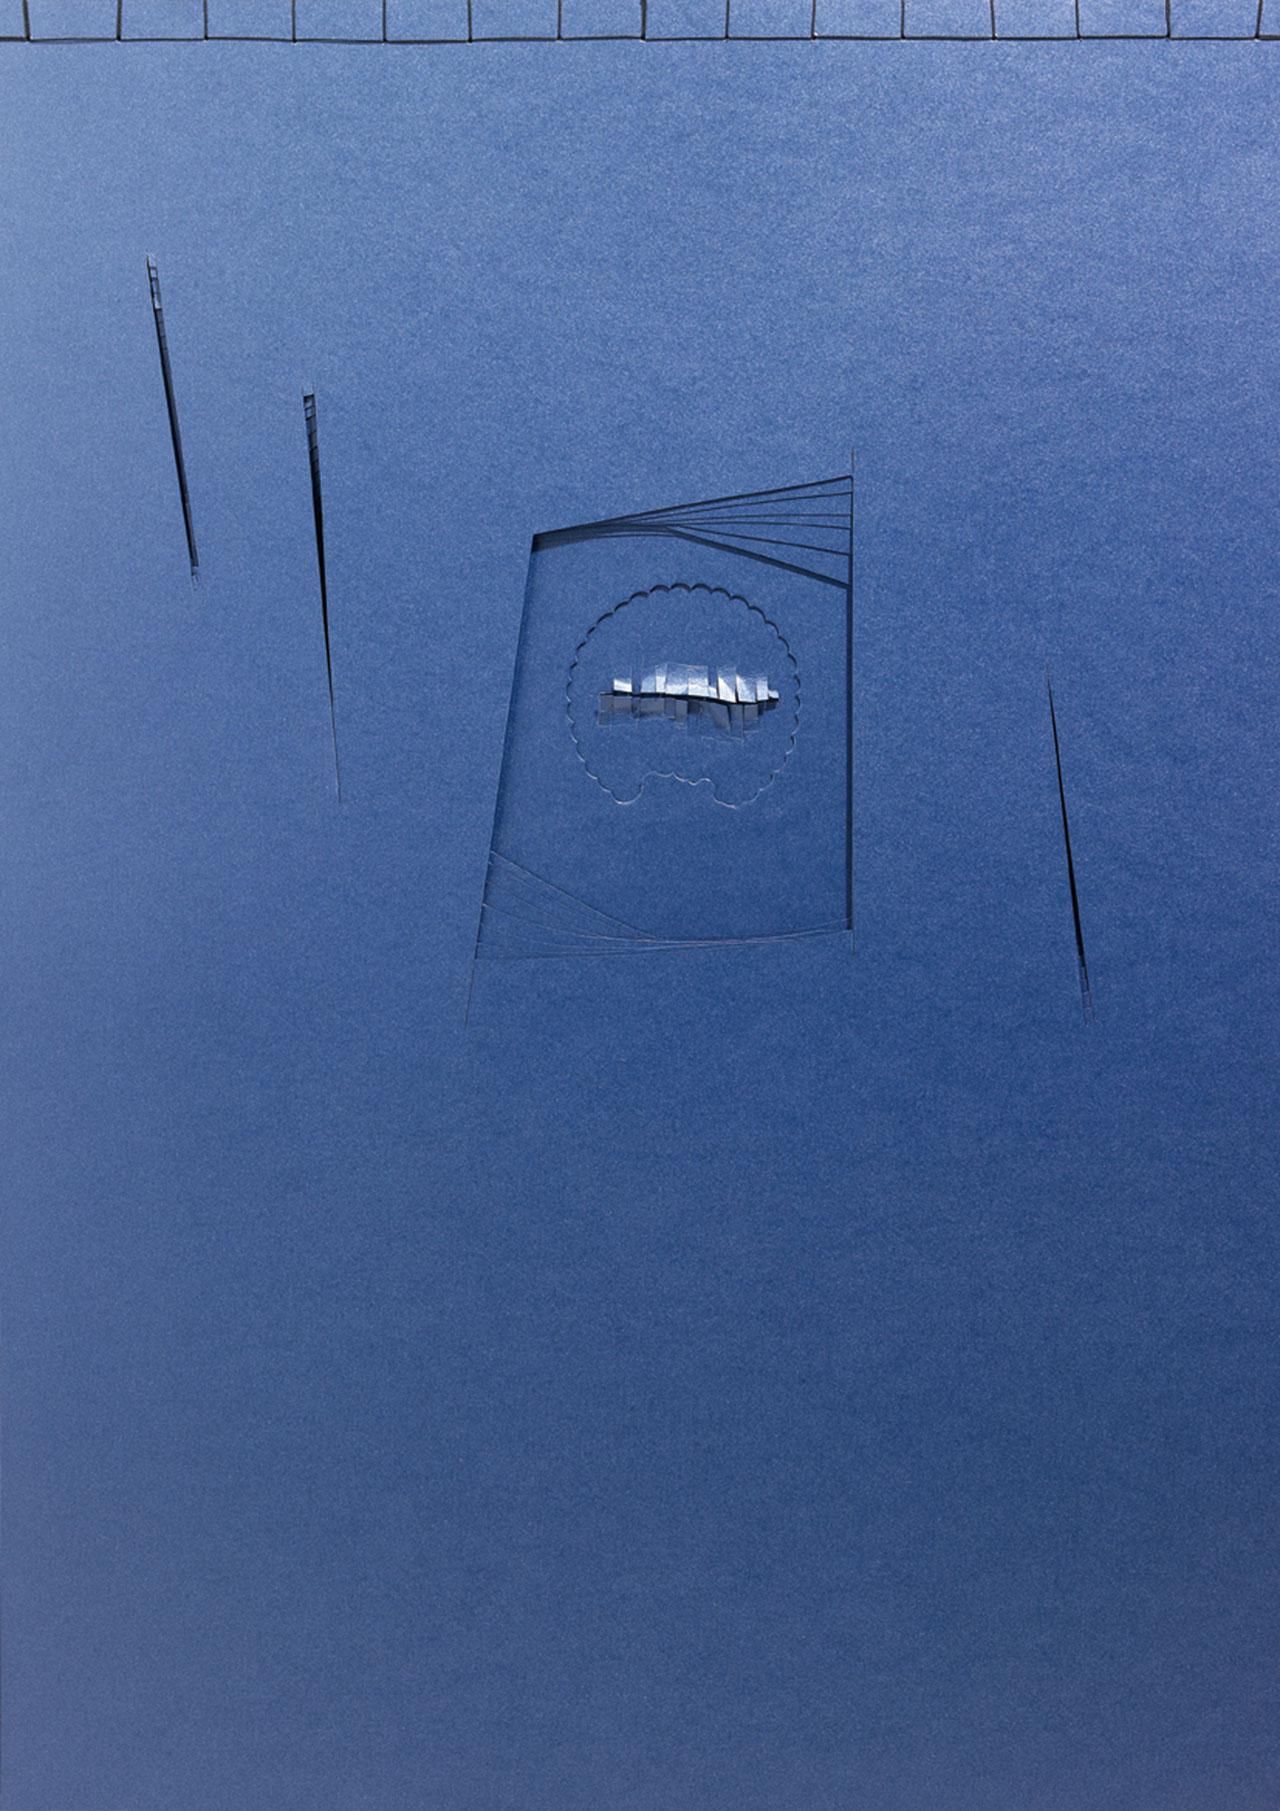 朱為白 天際外 冊頁紙雕 102x72cm